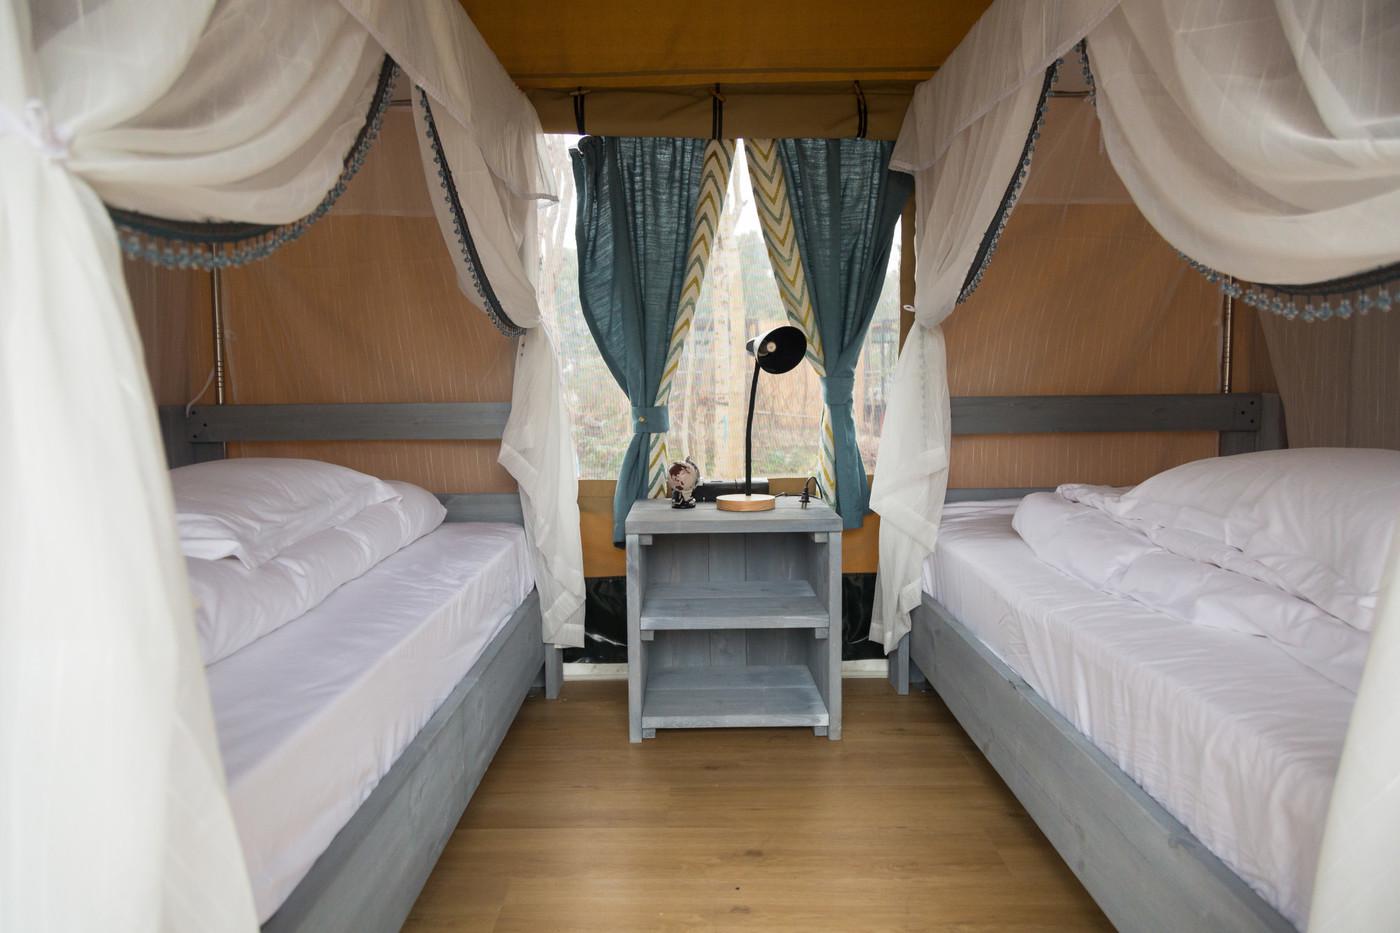 喜马拉雅上海迪士尼邻家营地子母房平地帐篷酒店33